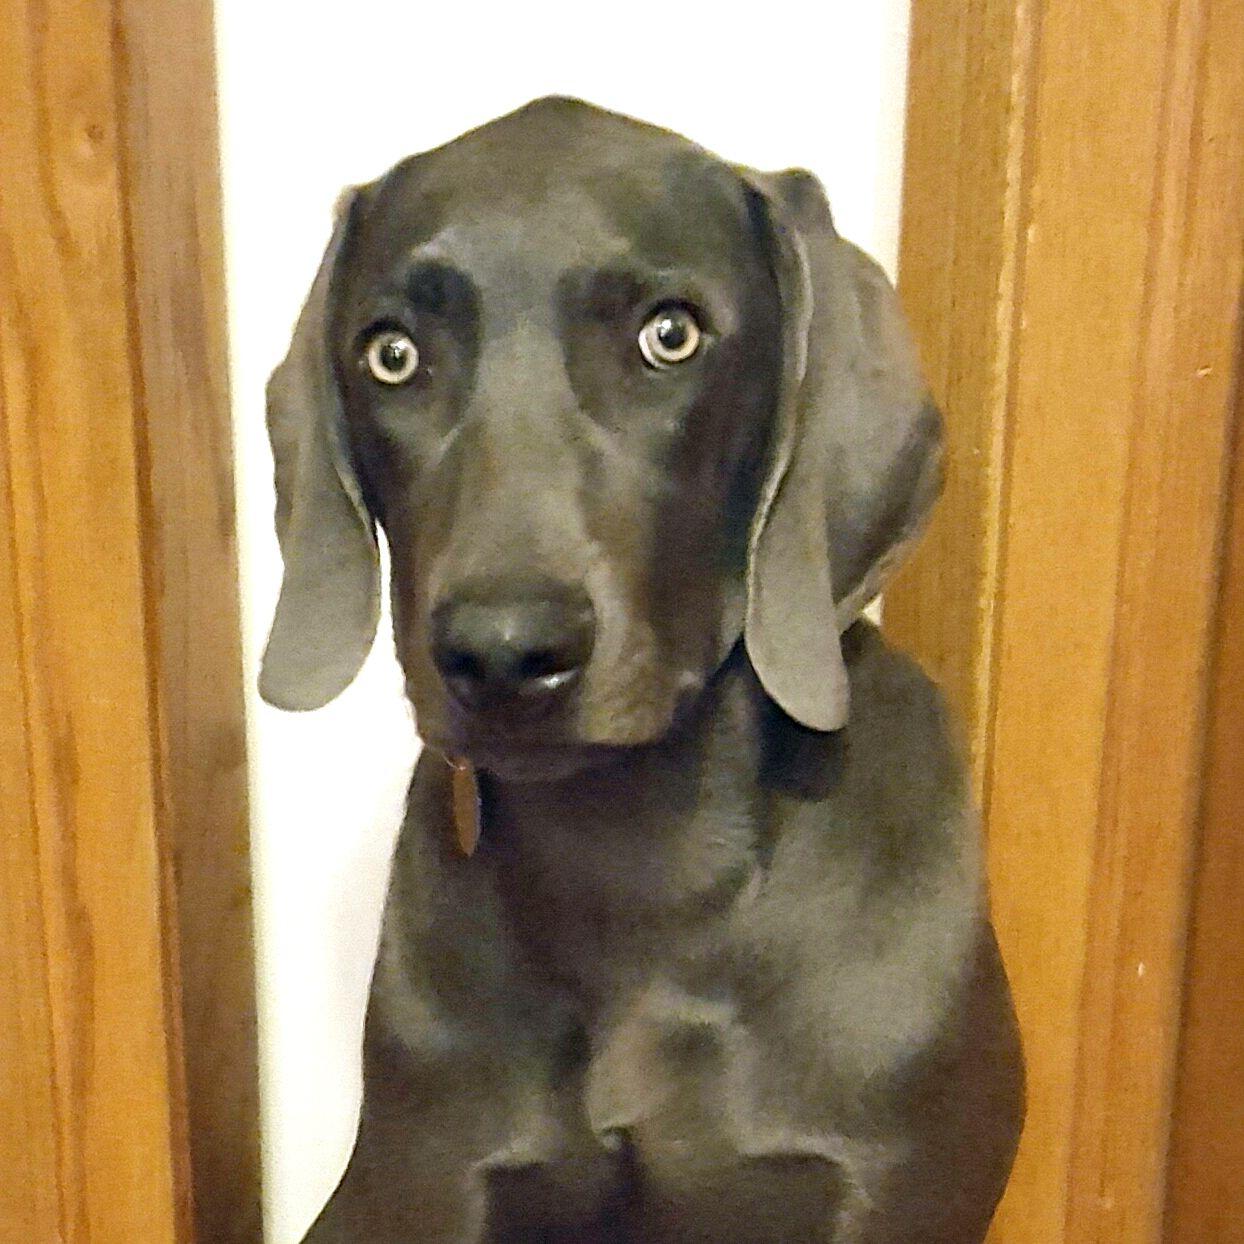 Weimaraner dog for Adoption in St. Louis Park, MN. ADN